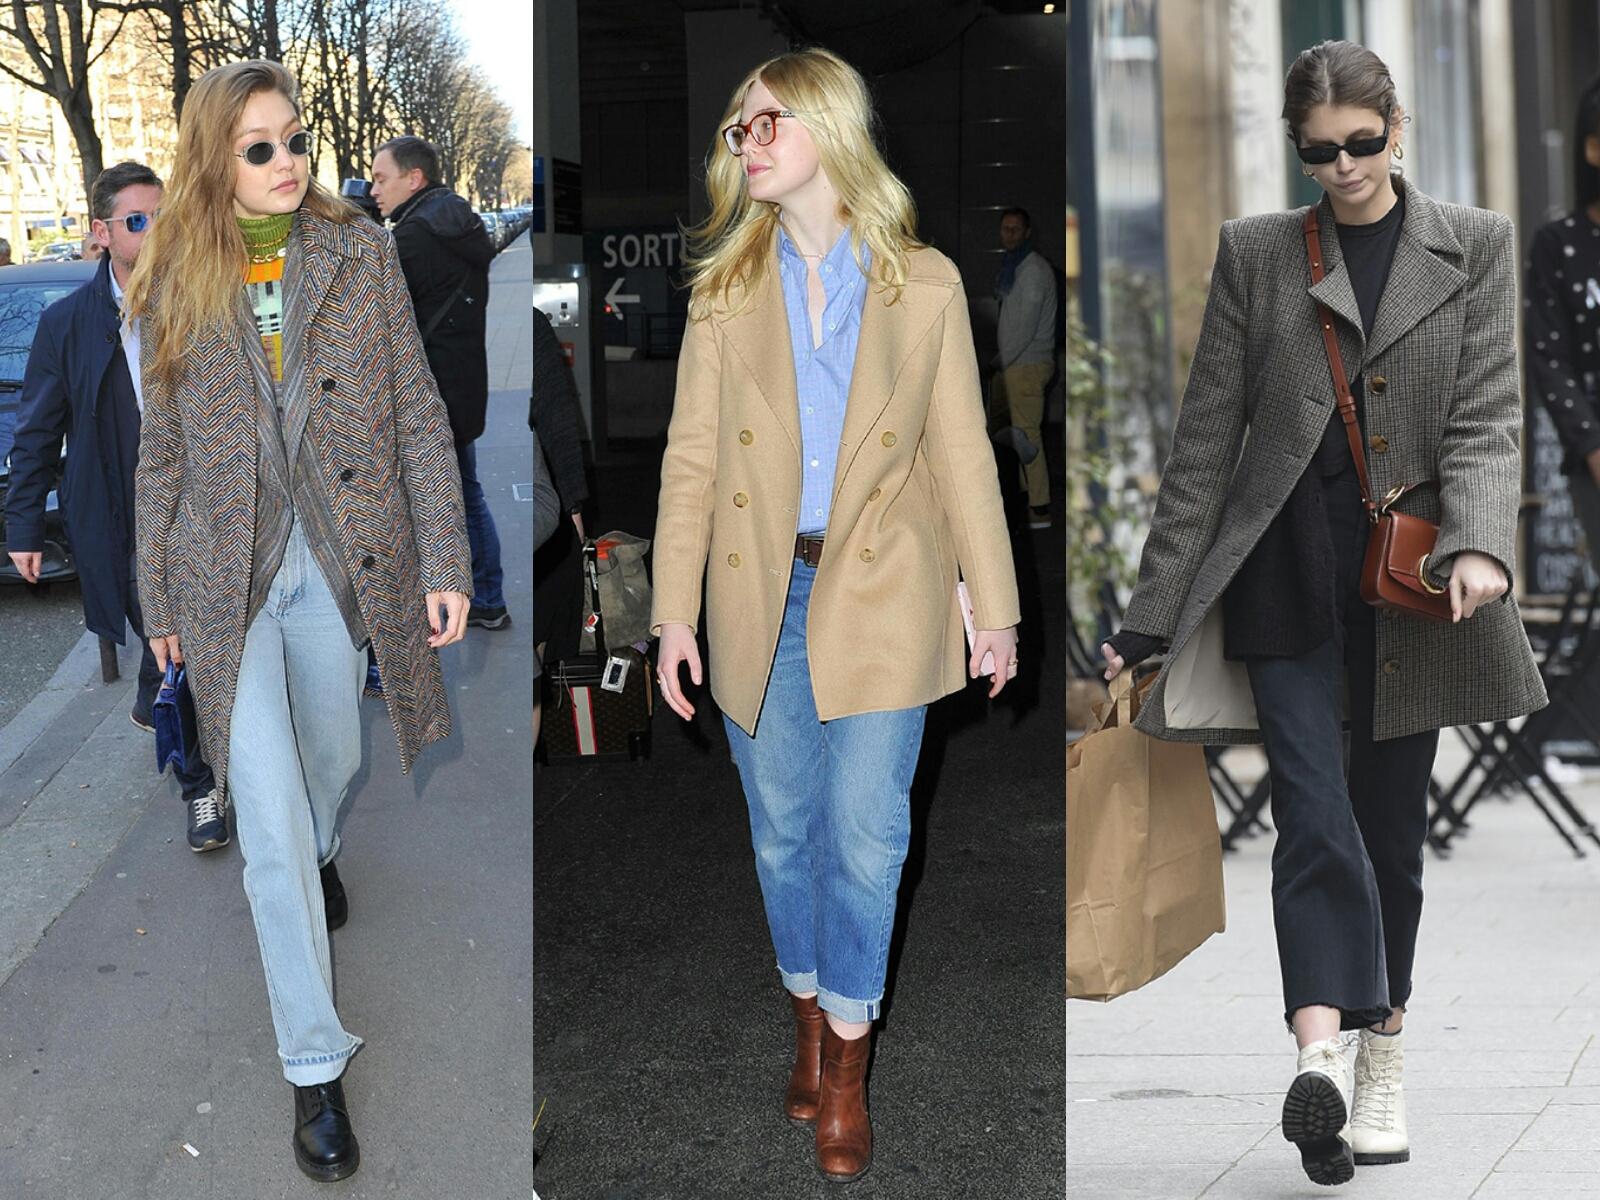 时尚搭配总是少不了牛仔衣,大衣,卫衣,针织衫,你配齐